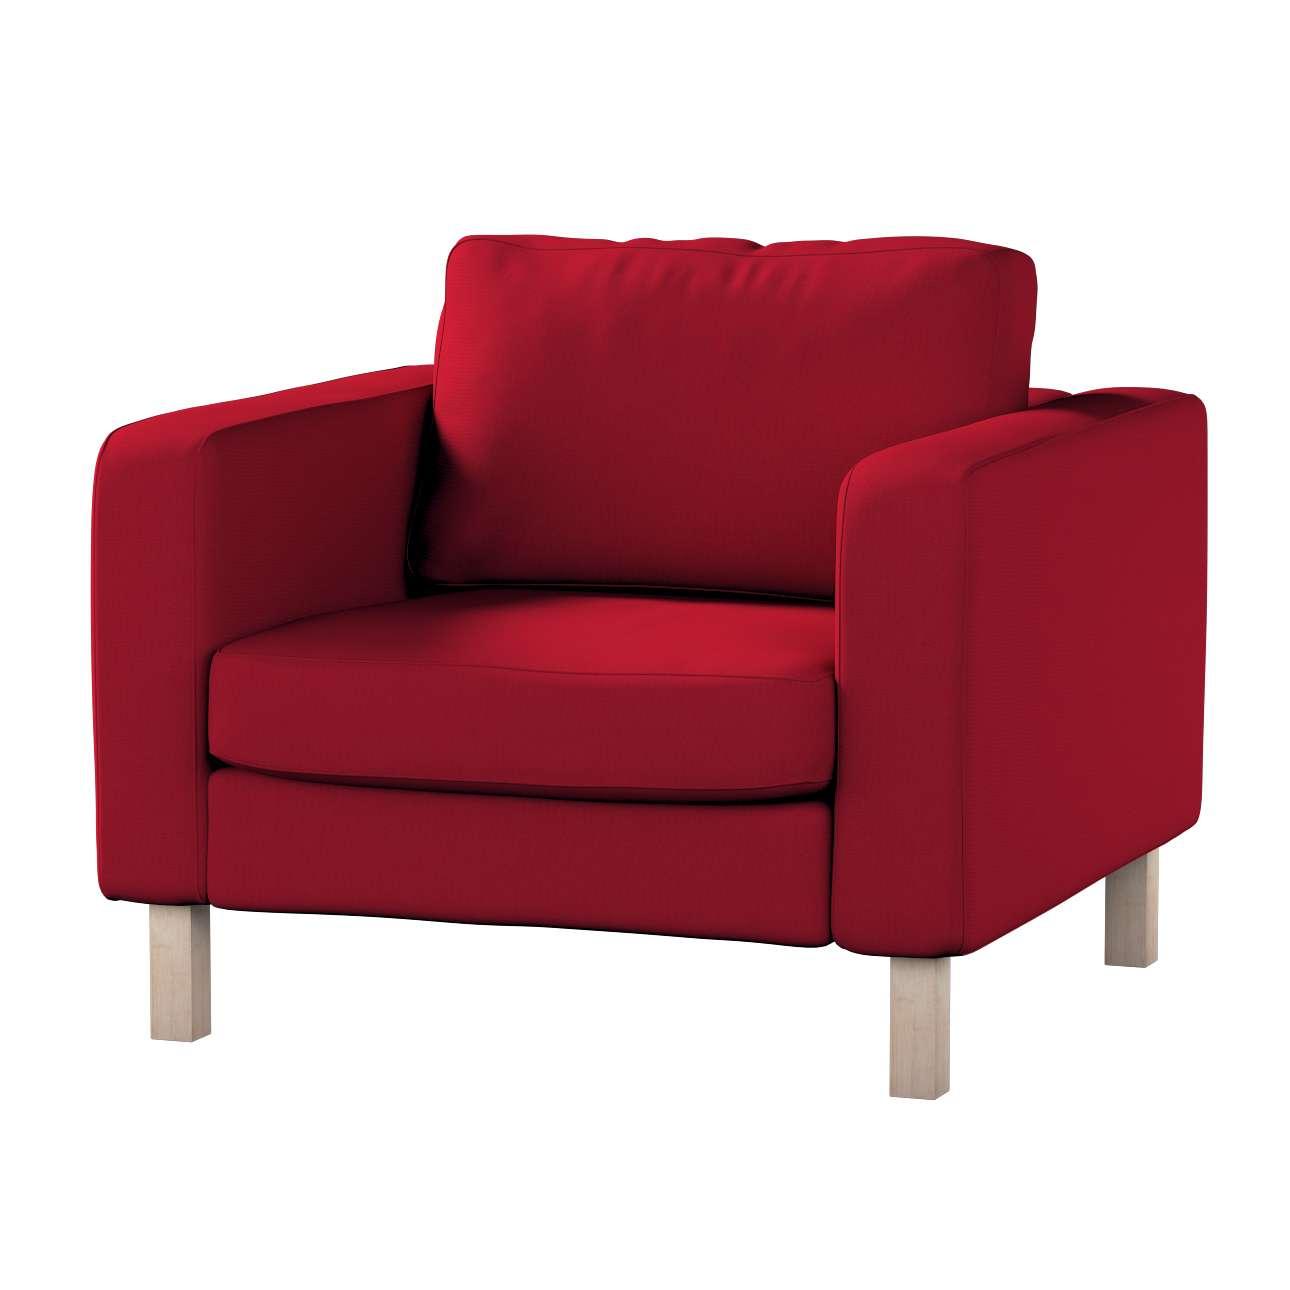 Pokrowiec na fotel Karlstad, krótki Fotel Karlstad w kolekcji Etna , tkanina: 705-60